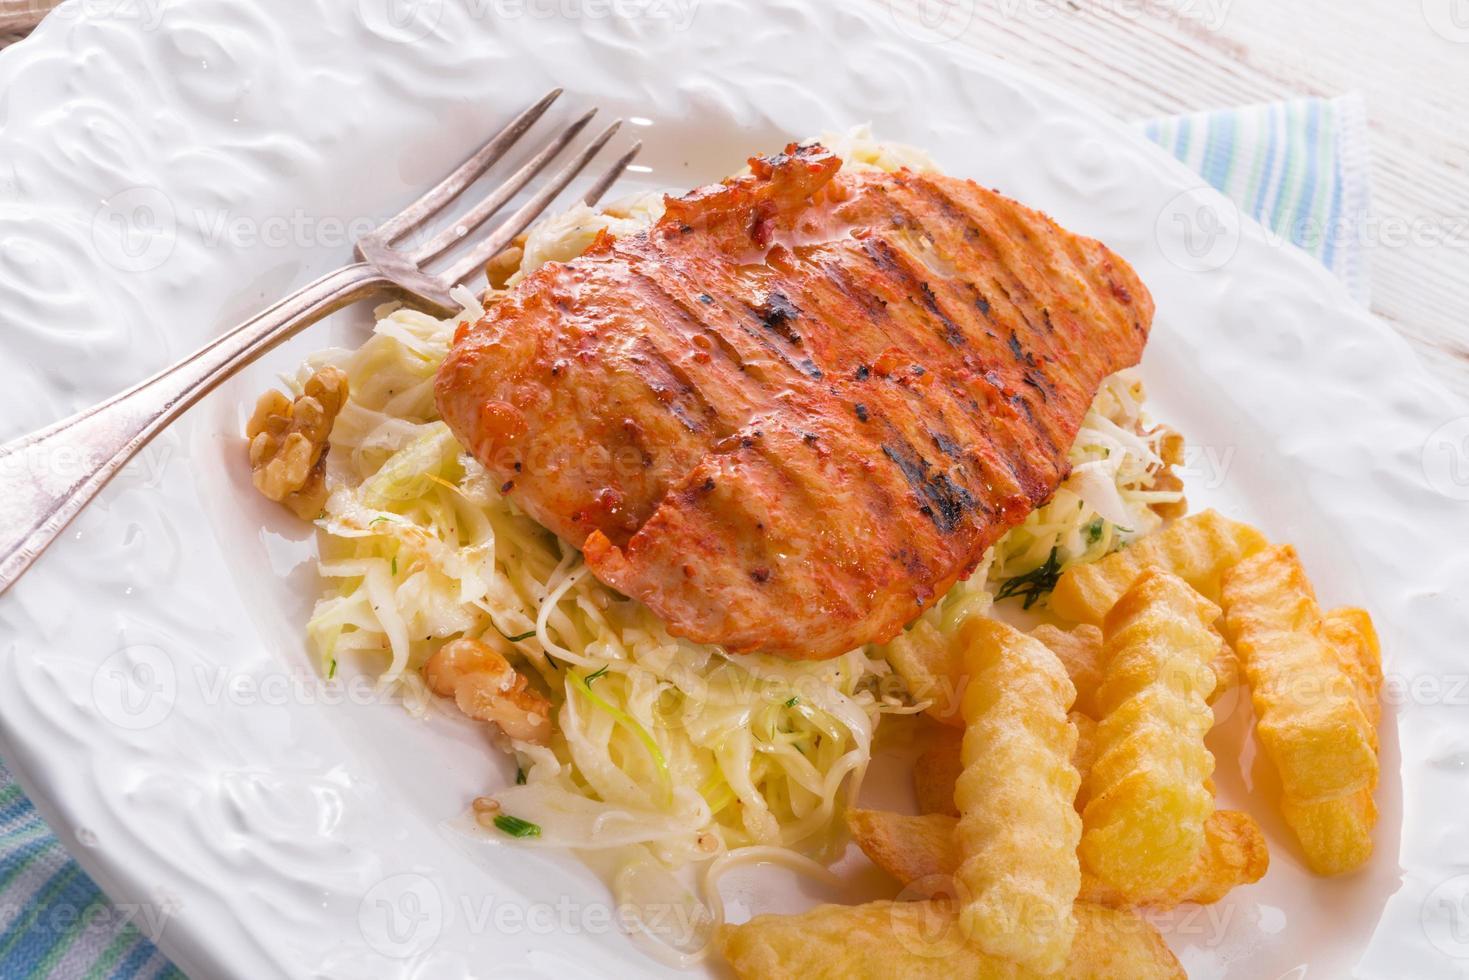 pollo alla griglia, insalata di cavolo con noci e patatine foto